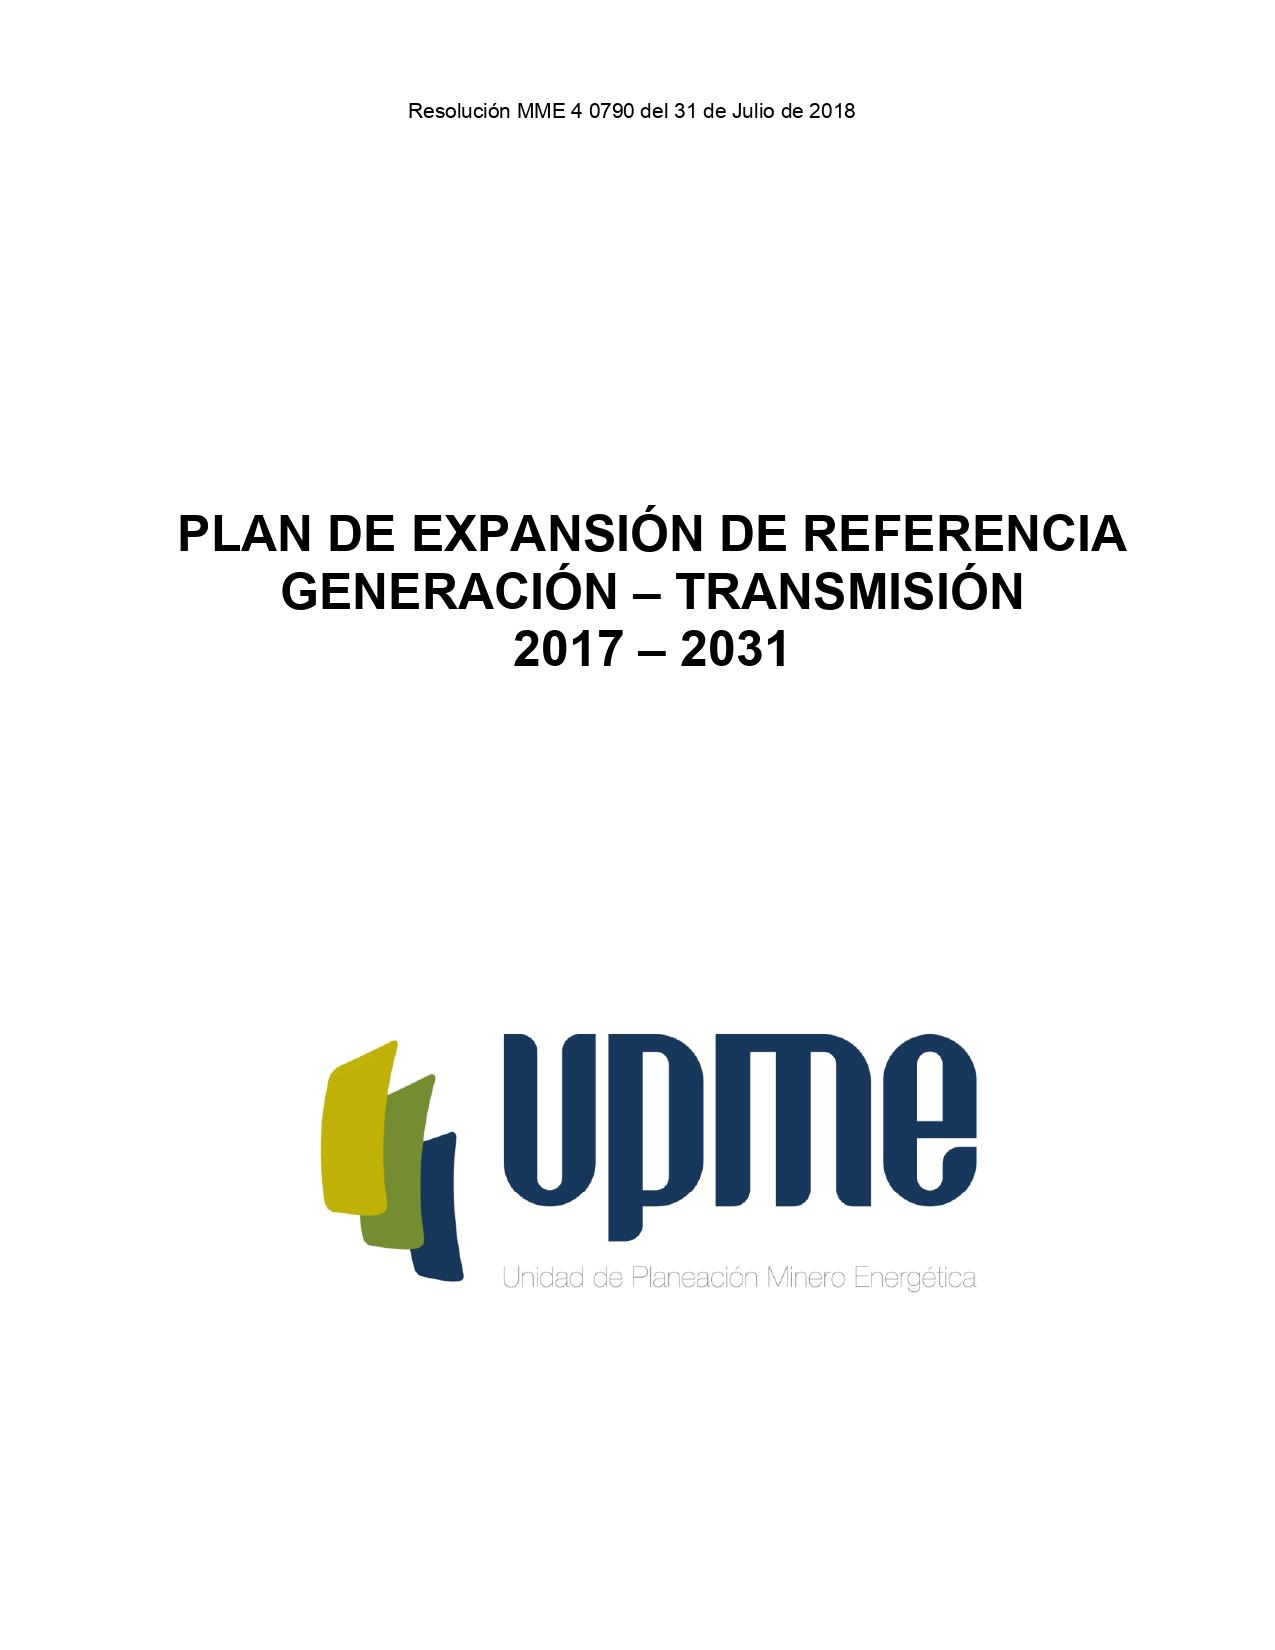 Plan de expansión de referencia generación - transmisión (2017-2031) -portada_pages-to-jpg-0001